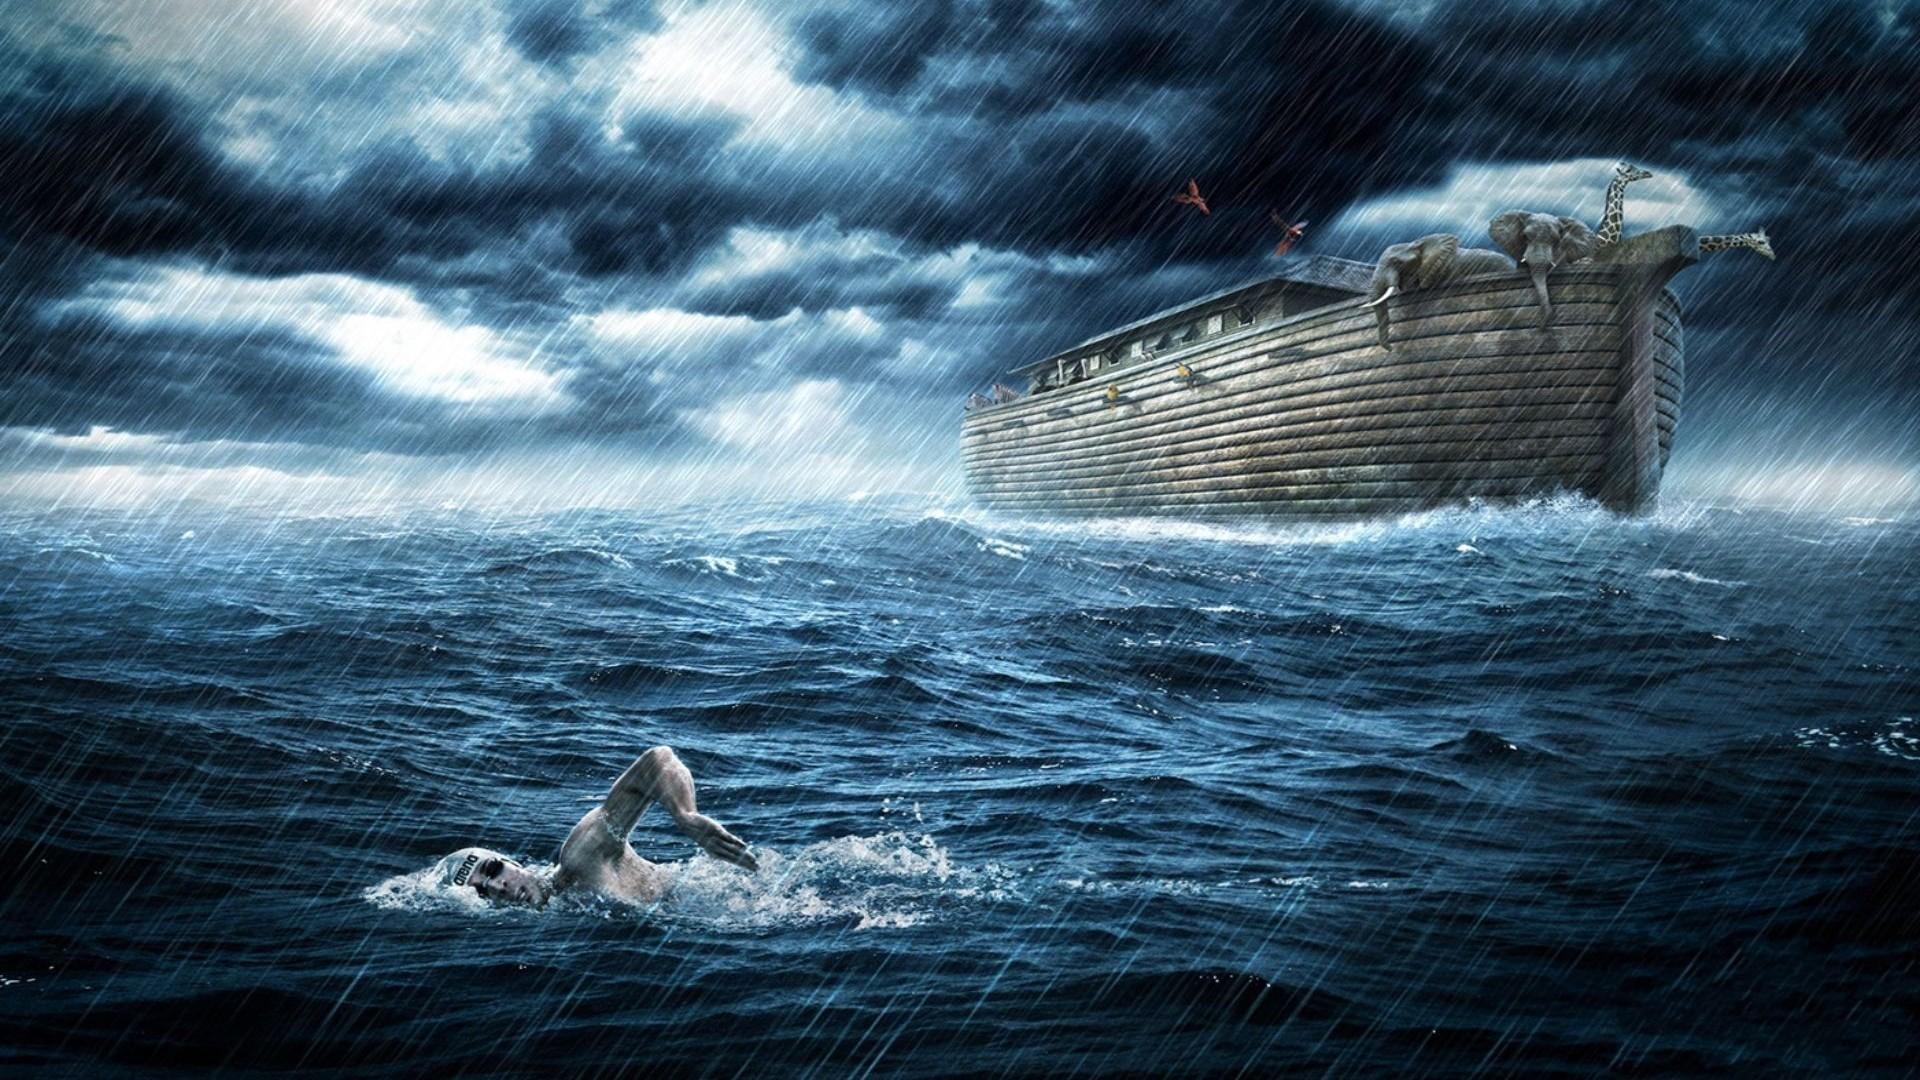 Hd Storm Wallpaper 70 Images